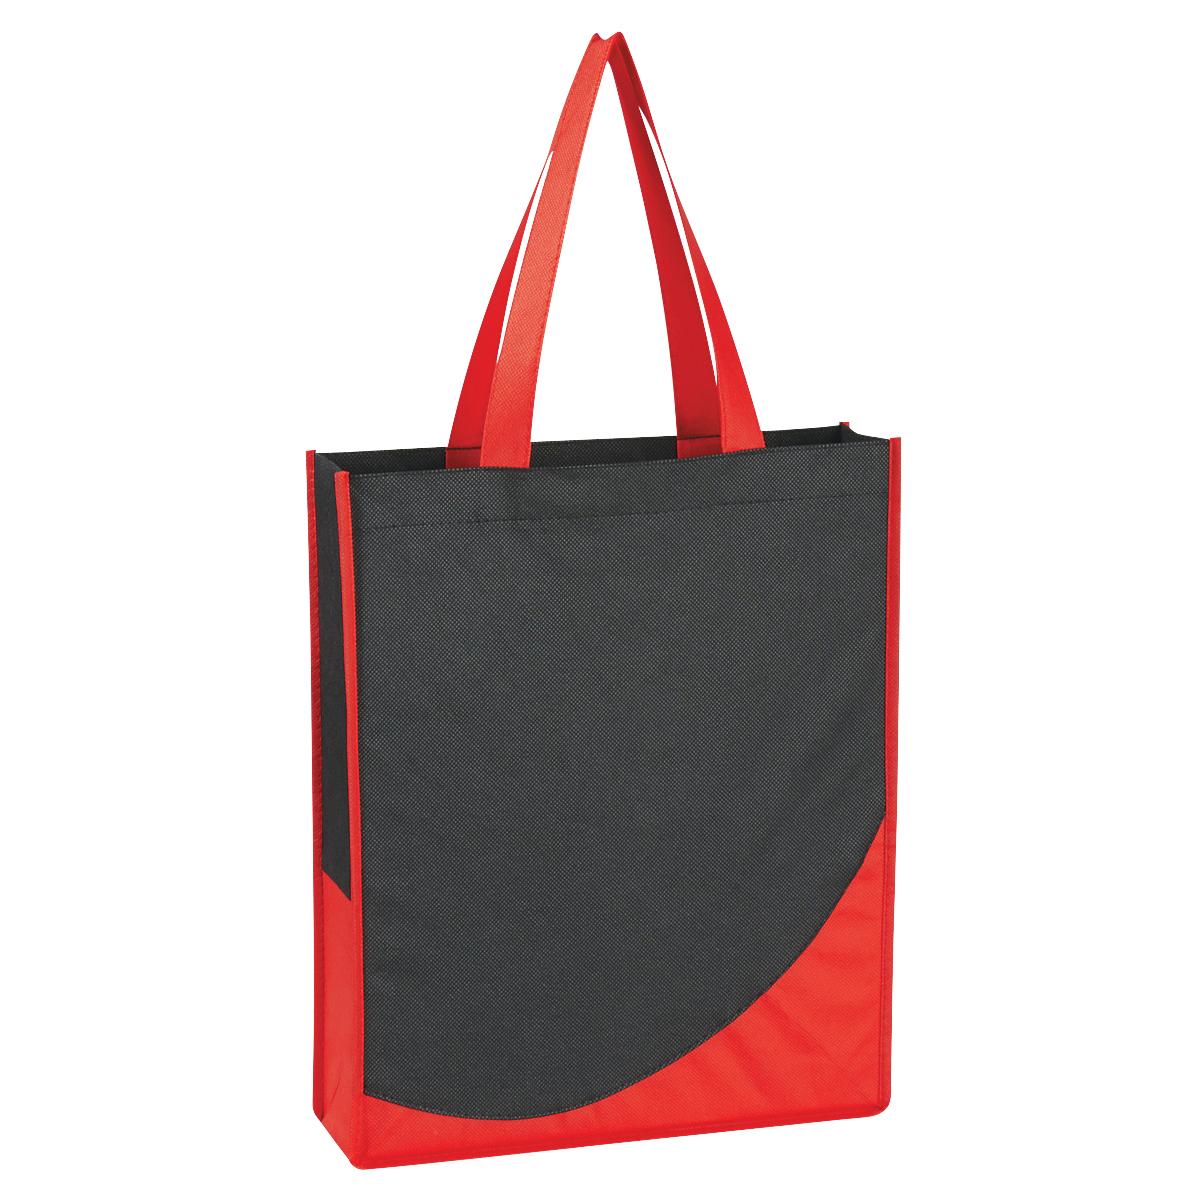 3028 - Bolsa negra Non-Woven con colores decorativos